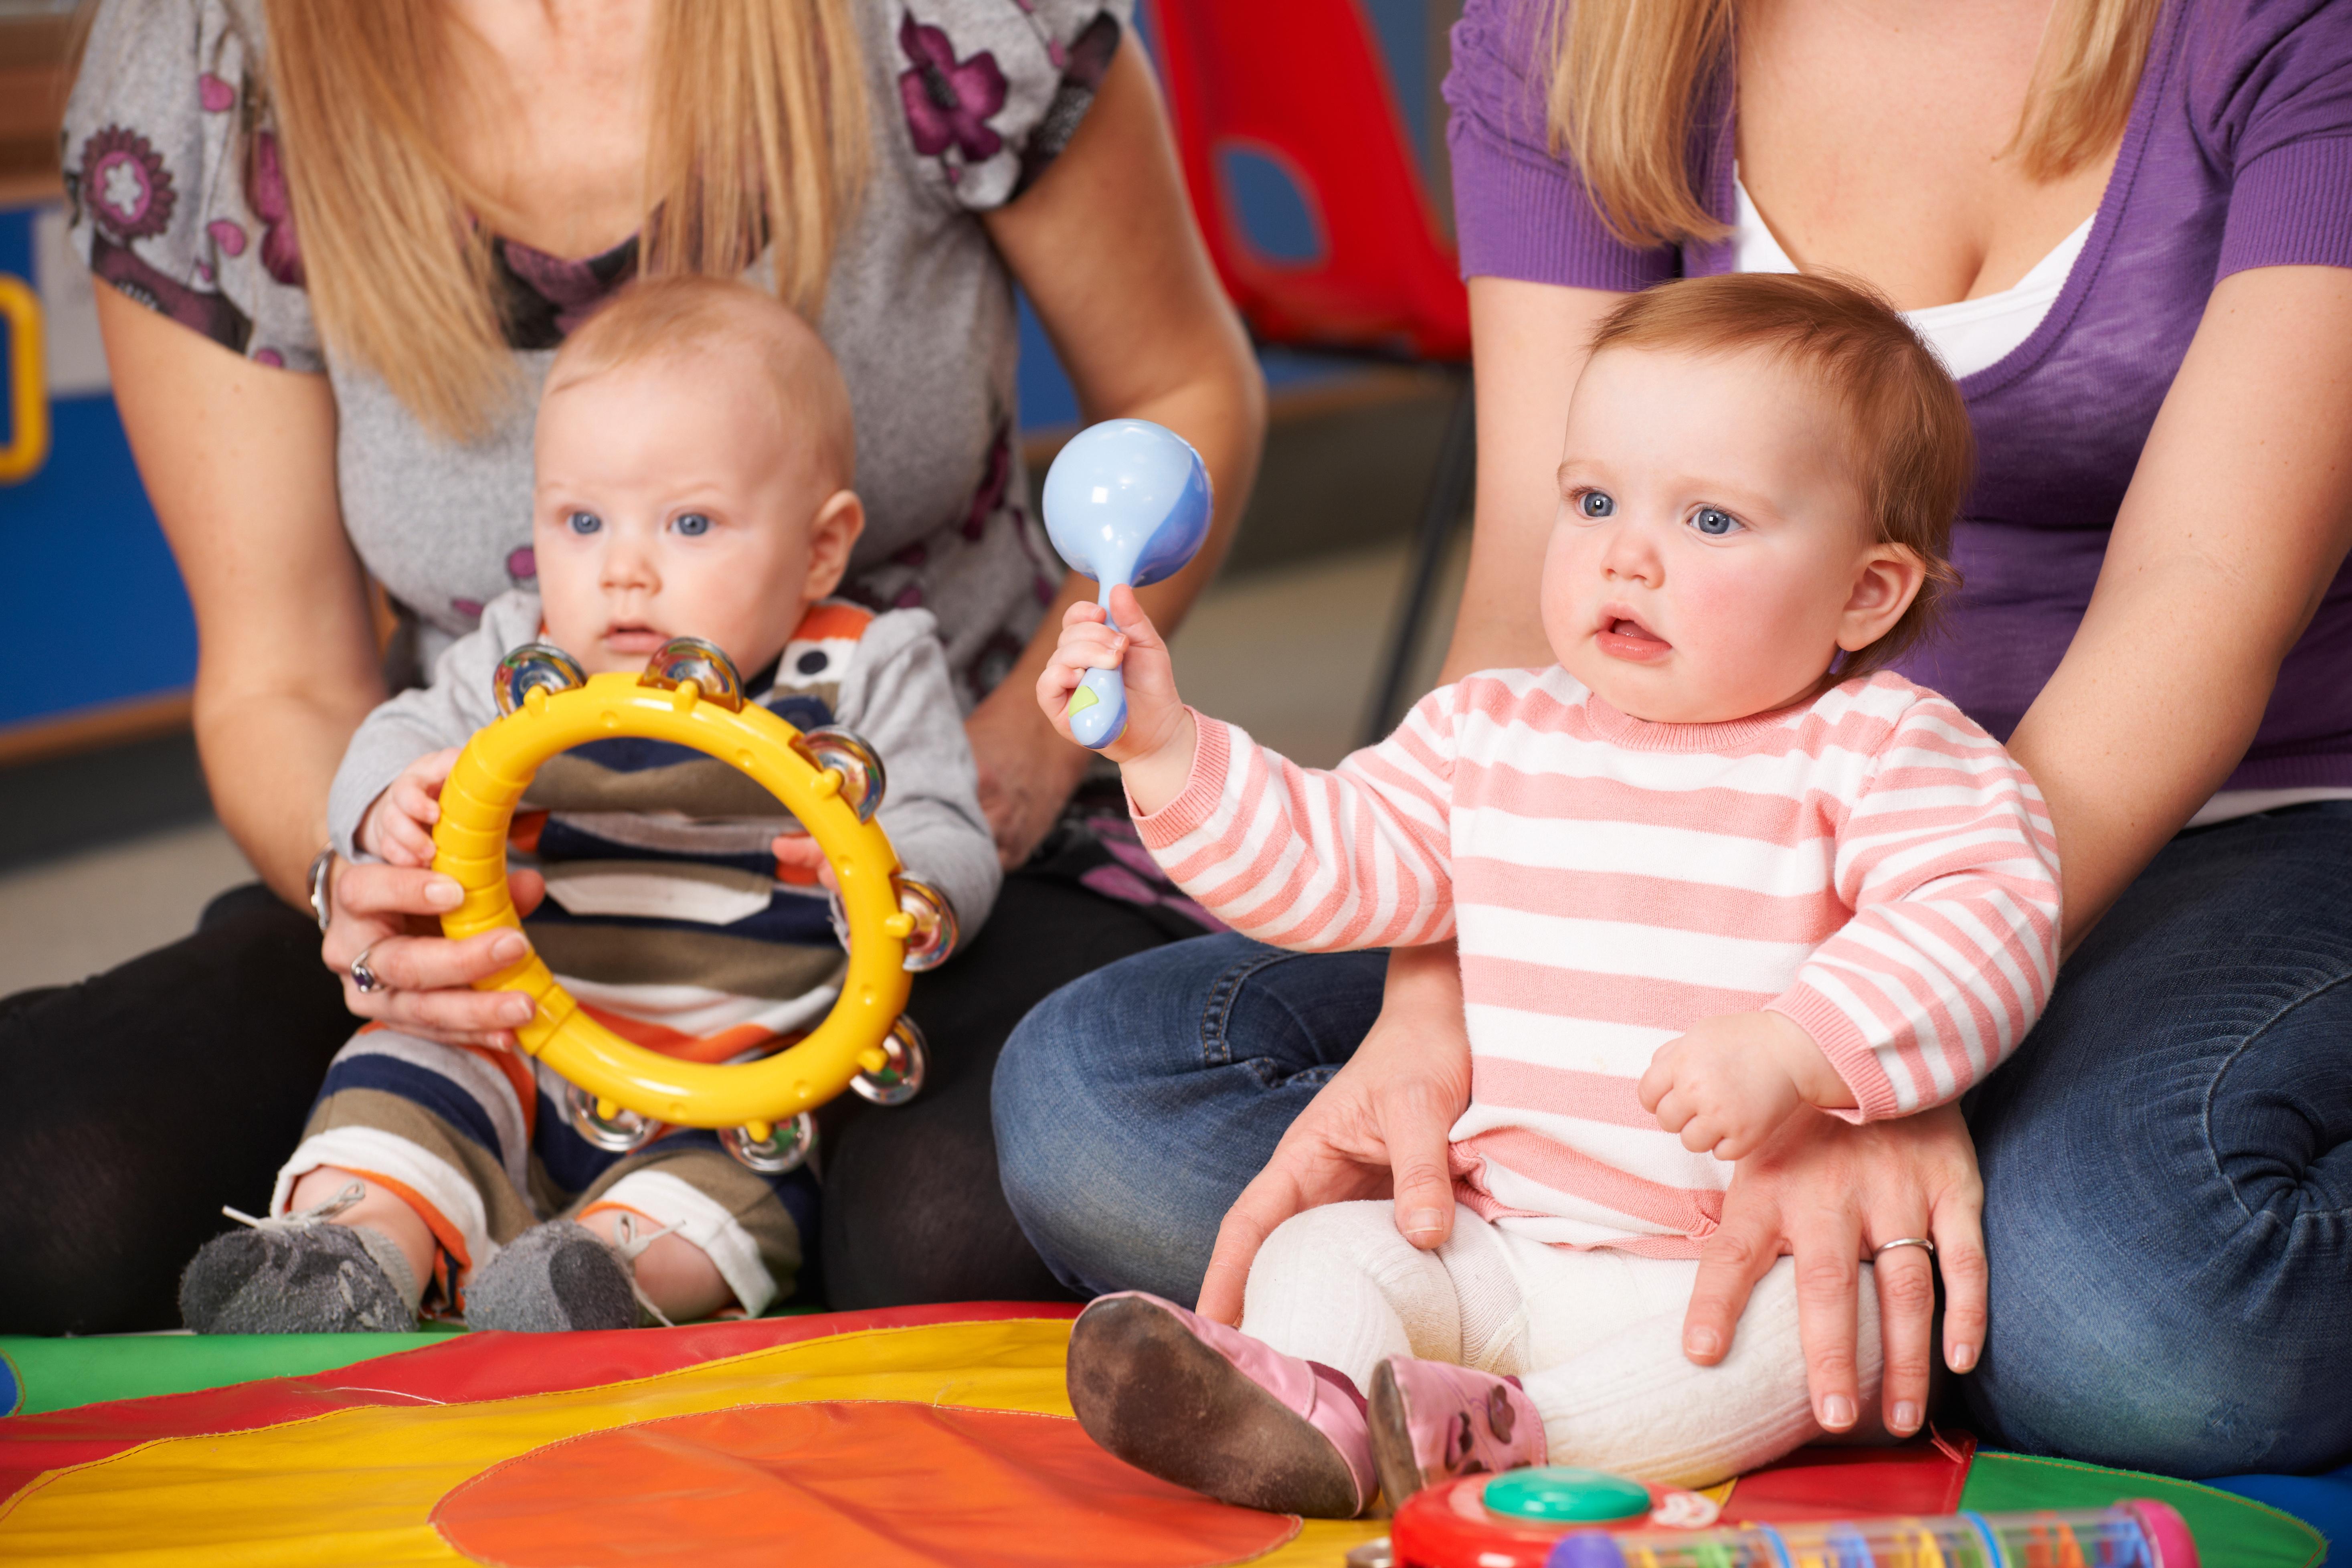 Genitori e insegnanti sono i primi responsabili dell'apprendimento della musica